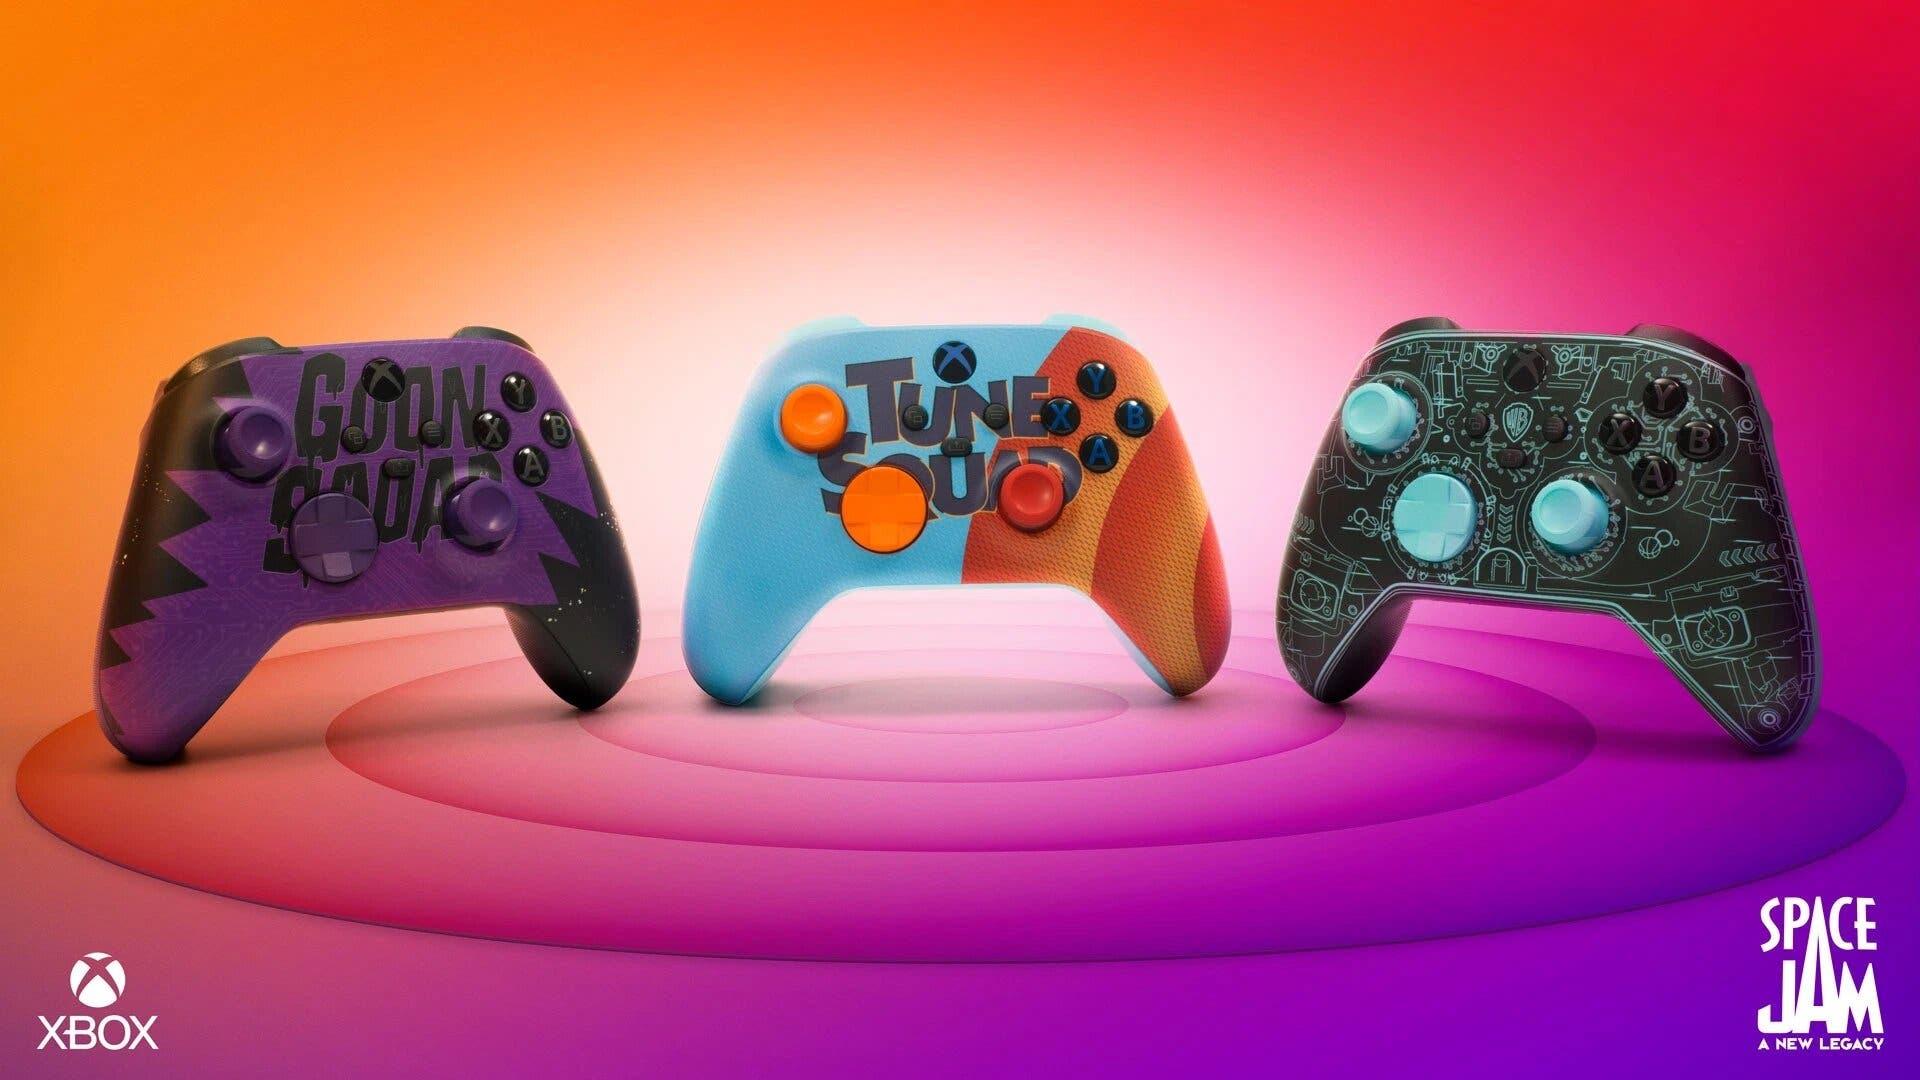 Xbox anuncia 3 nuevos y atractivos mandos inspirados en Space Jam 1